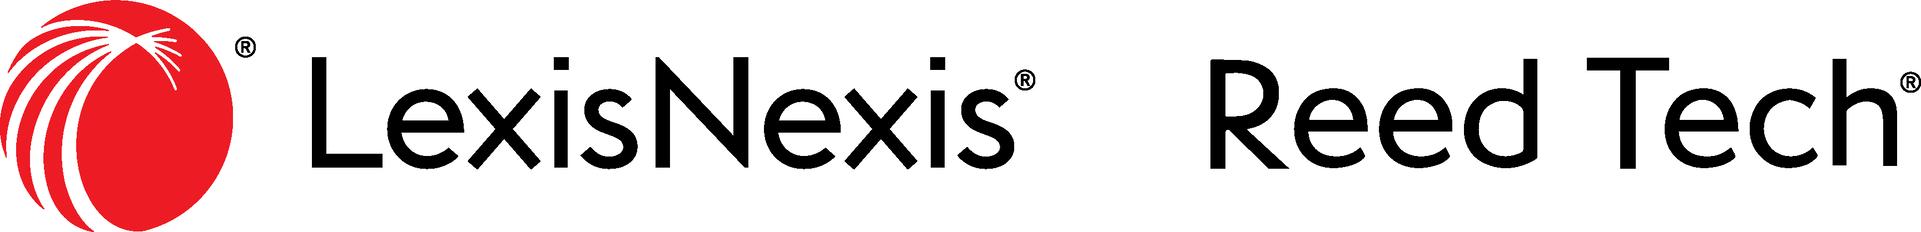 LexisNexis Reed Tech Company Logo